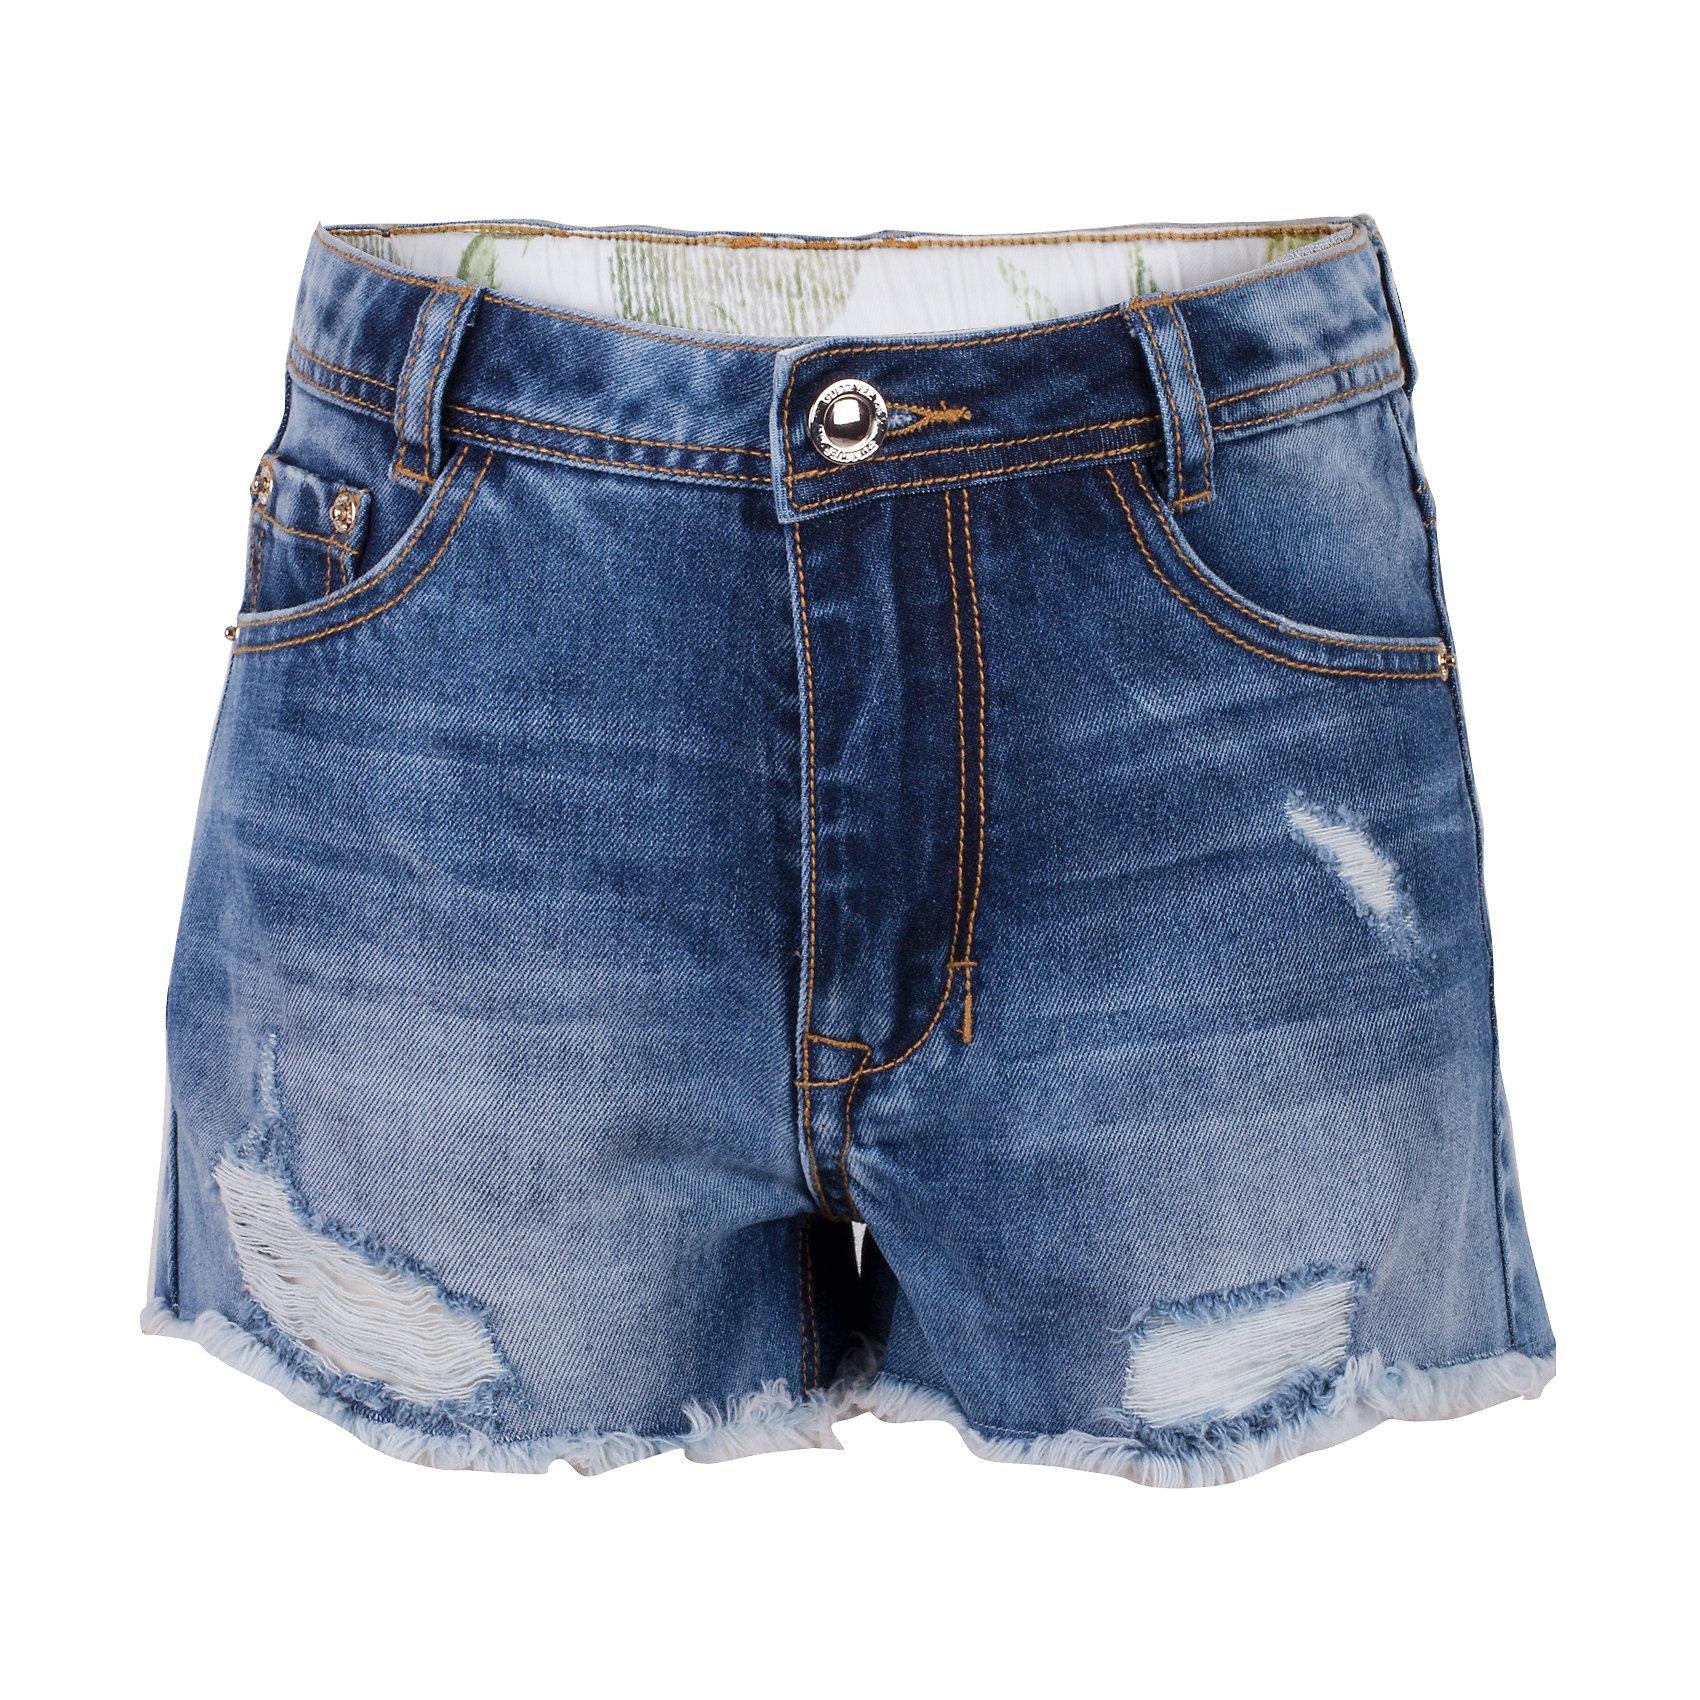 Шорты джинсовые для девочки GulliverДжинсовая одежда<br>Школьный сезон позади и пора составлять летний гардероб ребенка...Джинсовые шорты для девочки - вещь совершенно необходимая! Они подарят 100% комфорт и сделают образ  стильным и современным. Летние шорты с эффектными повреждениями и варкой, будут лучшим подарком для девочки-модницы. Если вы решили купить шорты, остановите свой выбор на этой модели! Модные джинсовые шорты из 100% хлопка - ваш ответ жаркому лету!<br>Состав:<br>100% хлопок<br><br>Ширина мм: 191<br>Глубина мм: 10<br>Высота мм: 175<br>Вес г: 273<br>Цвет: голубой<br>Возраст от месяцев: 156<br>Возраст до месяцев: 168<br>Пол: Женский<br>Возраст: Детский<br>Размер: 164,146,152,158<br>SKU: 5483155